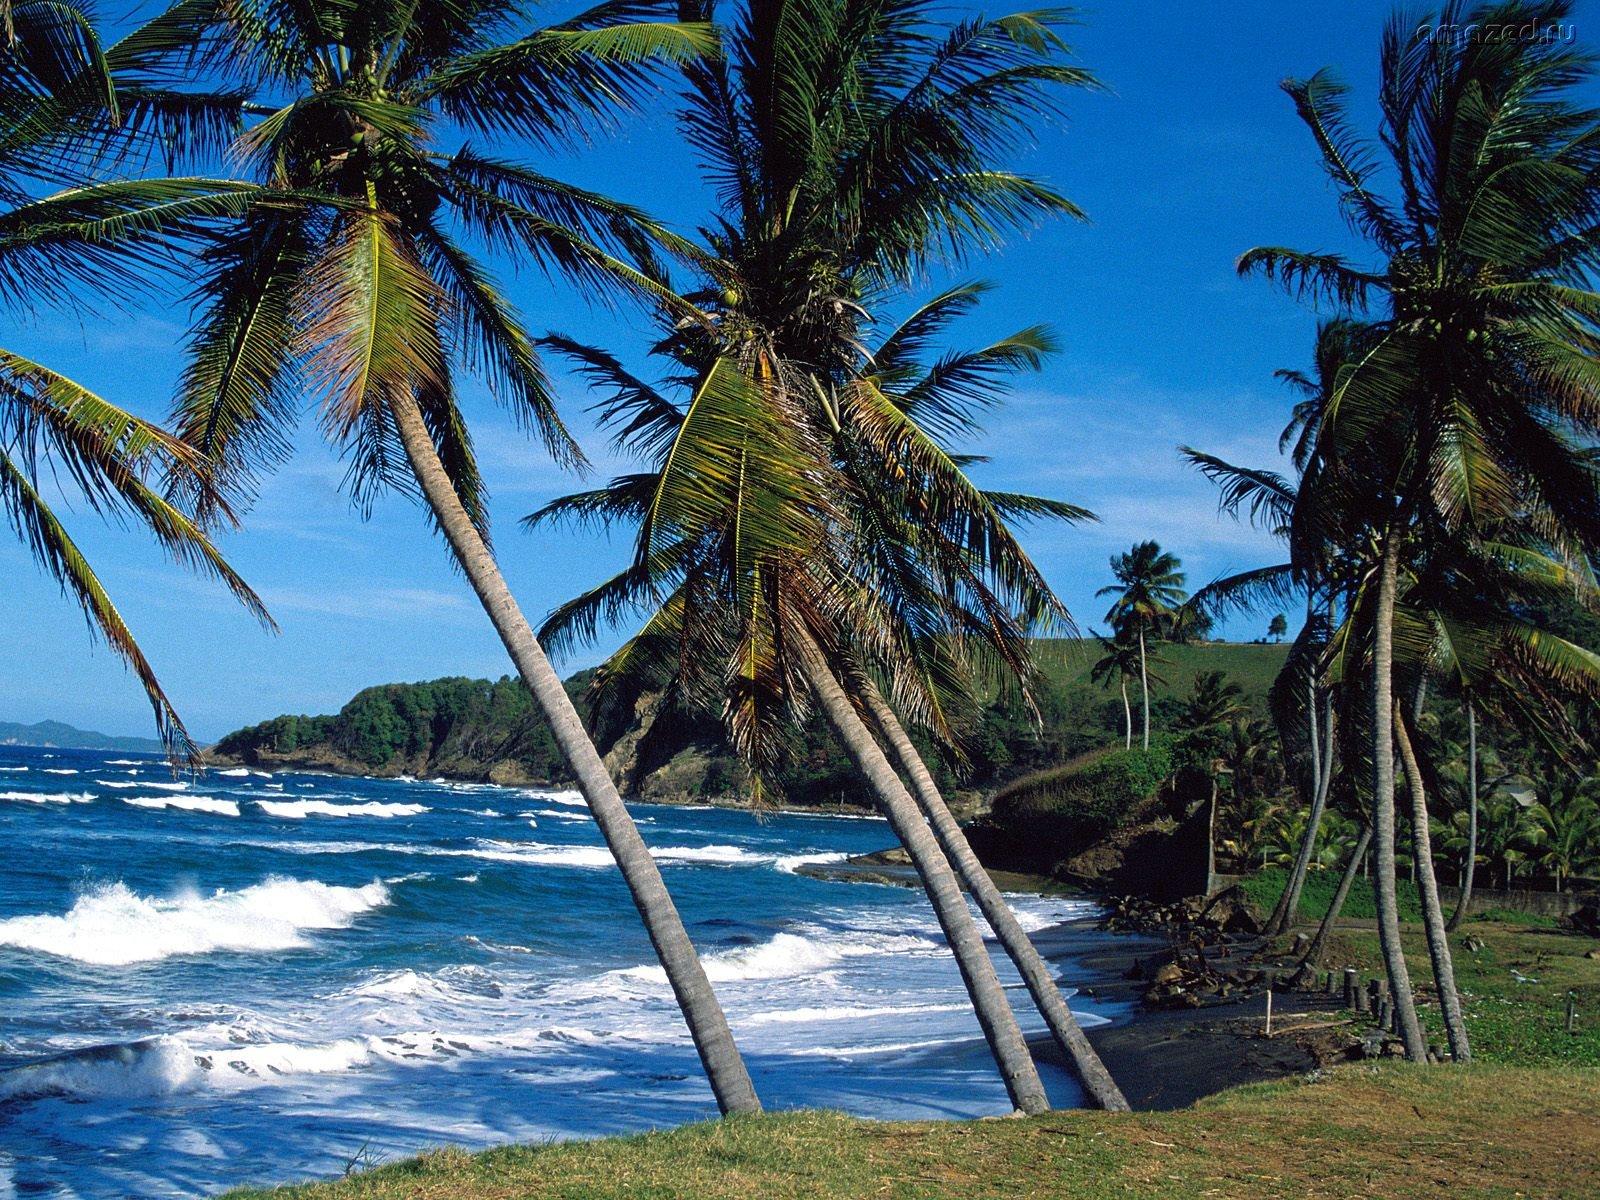 15555 descargar fondo de pantalla Paisaje, Agua, Árboles, Mar, Palms: protectores de pantalla e imágenes gratis